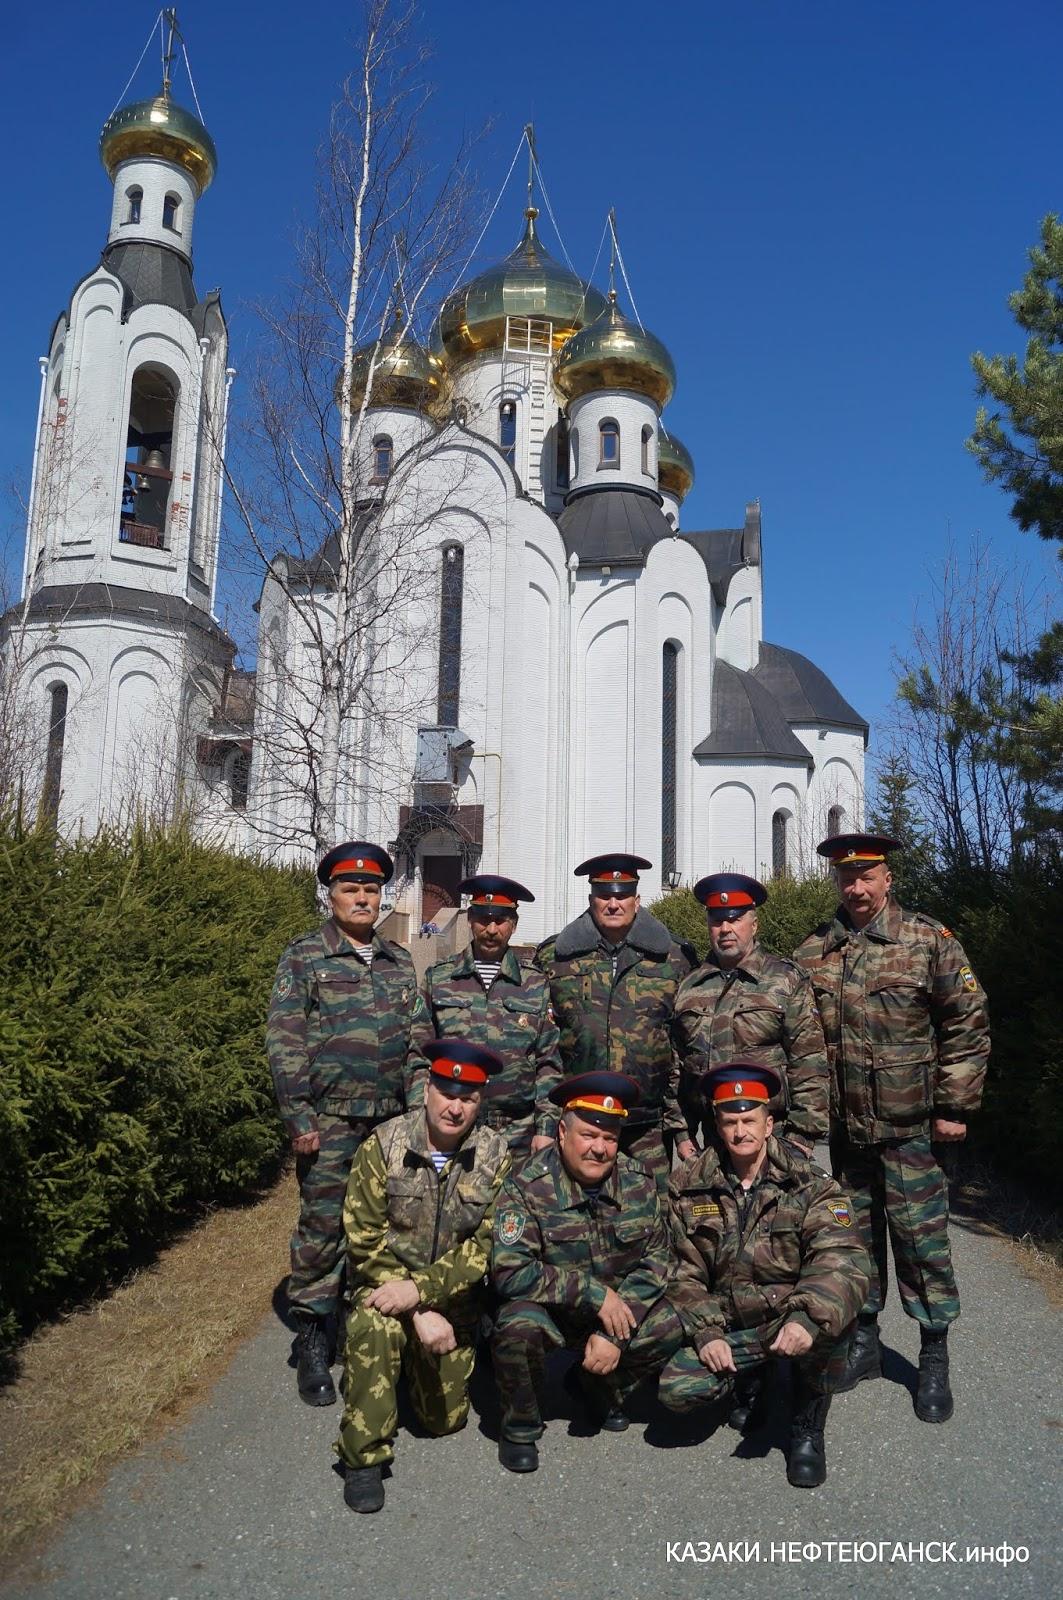 27 мая 2018 года в Свято-Духовском Храме города Нефтеюганска прихожане отметили праздник Святой Троицы.